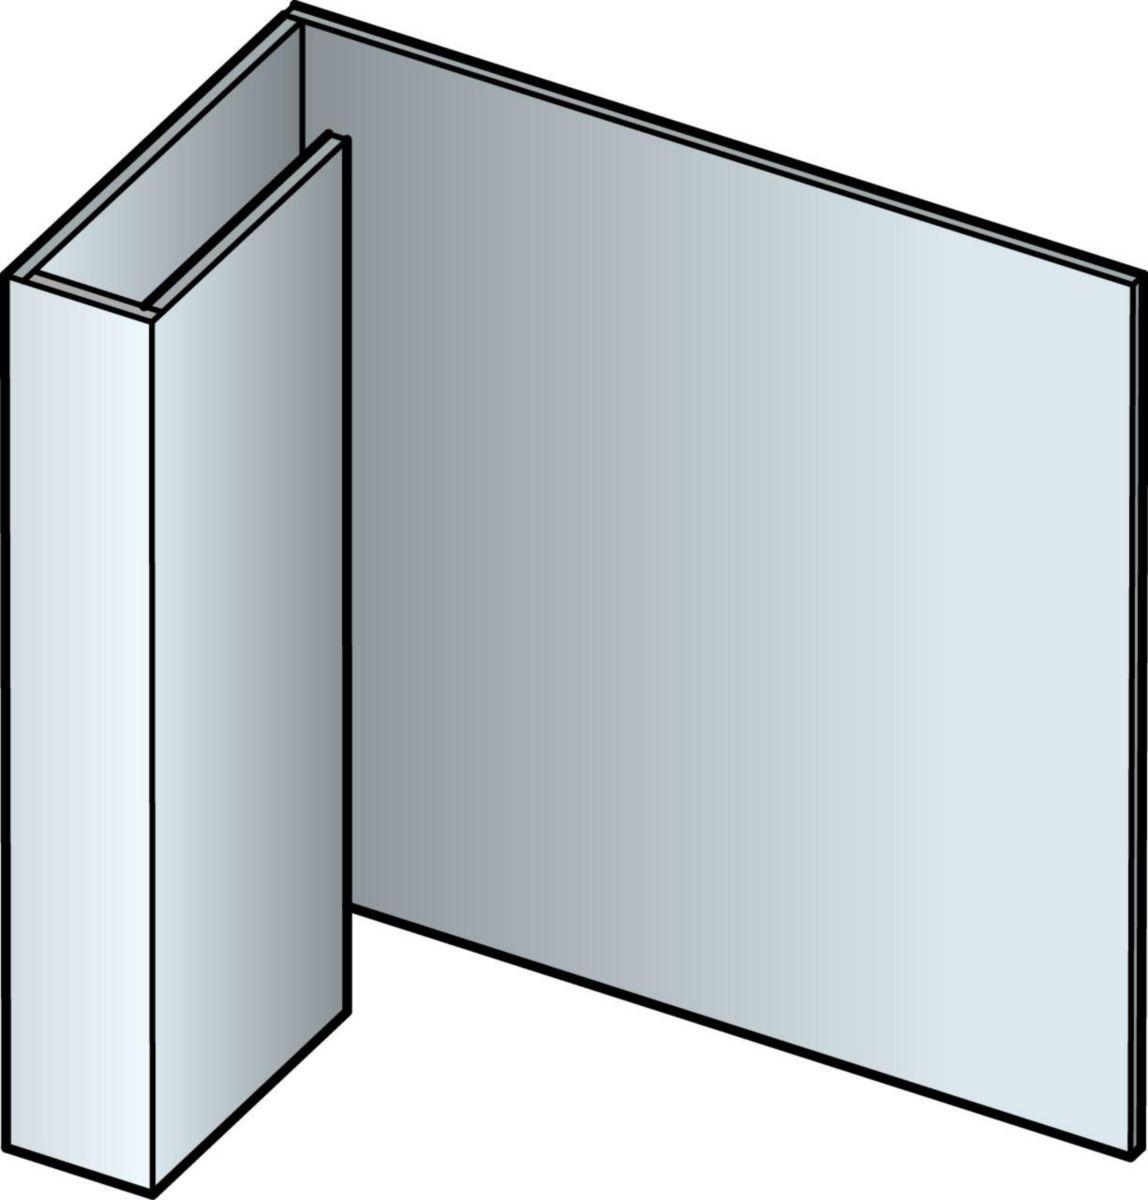 Profil de finition aluminium laqué pour bardage Cédral - vanille - L. 3 m